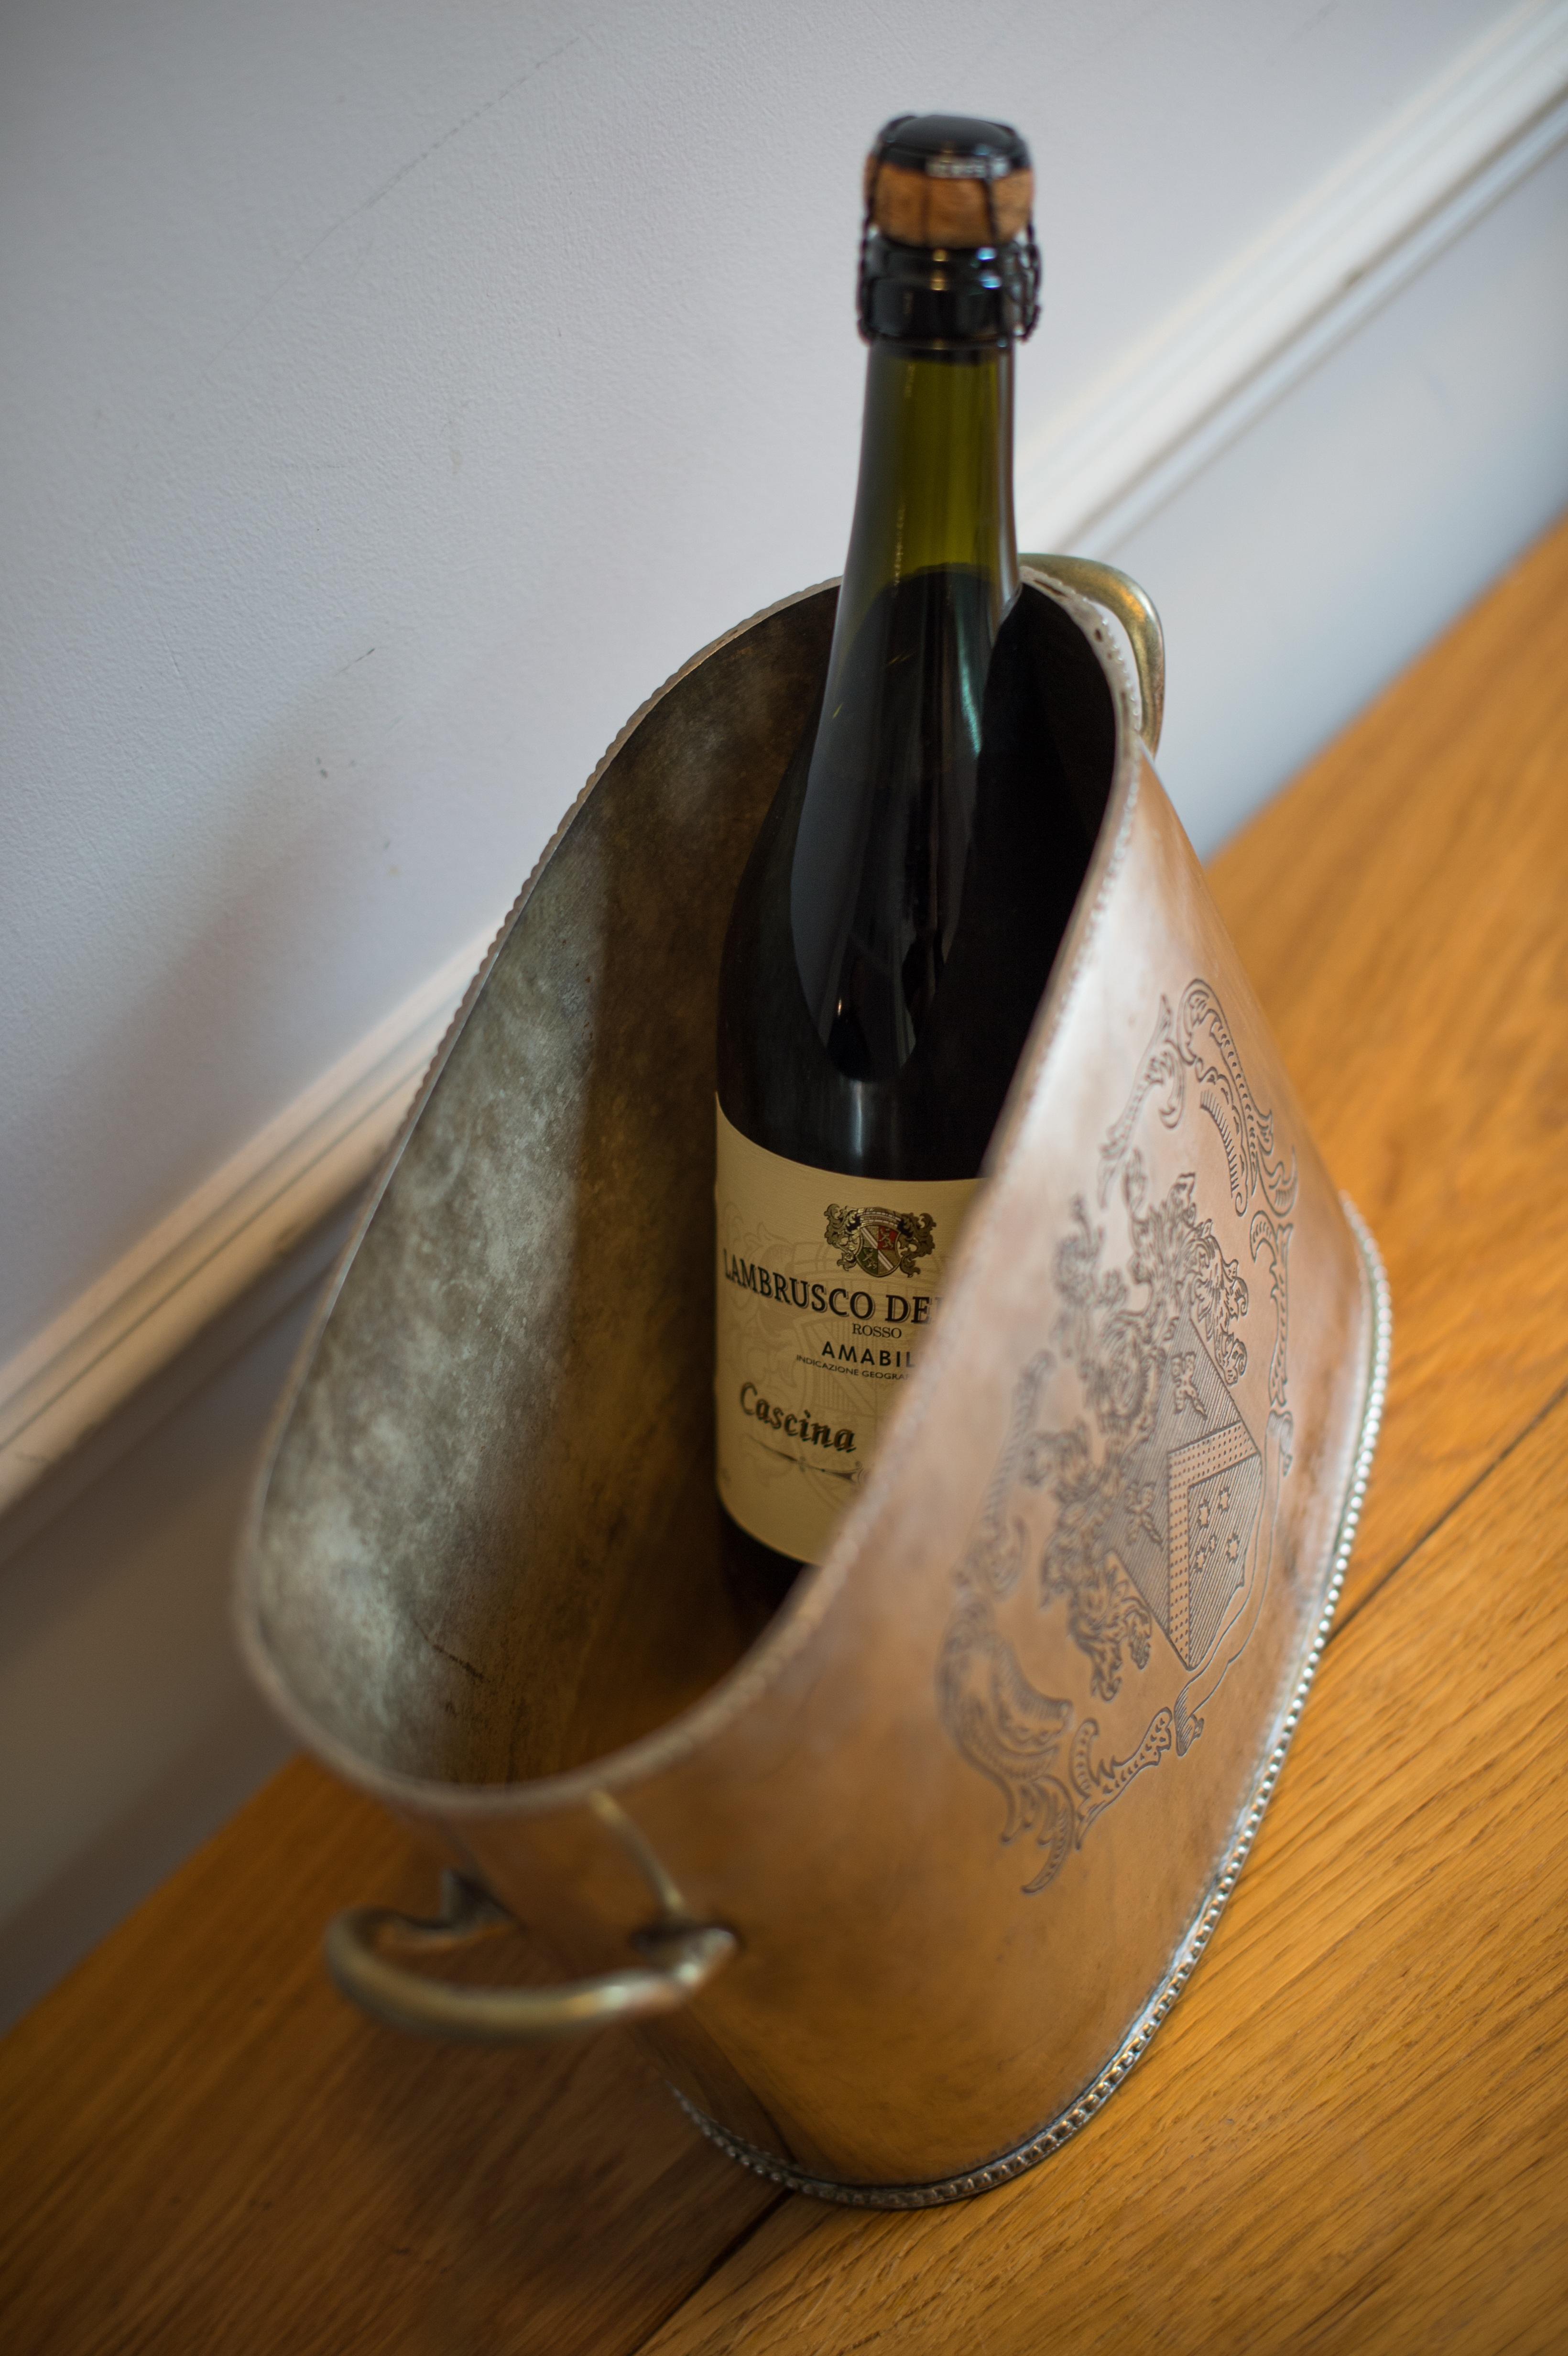 этот картинки вина в бутылке дома всех элементов гарнитура